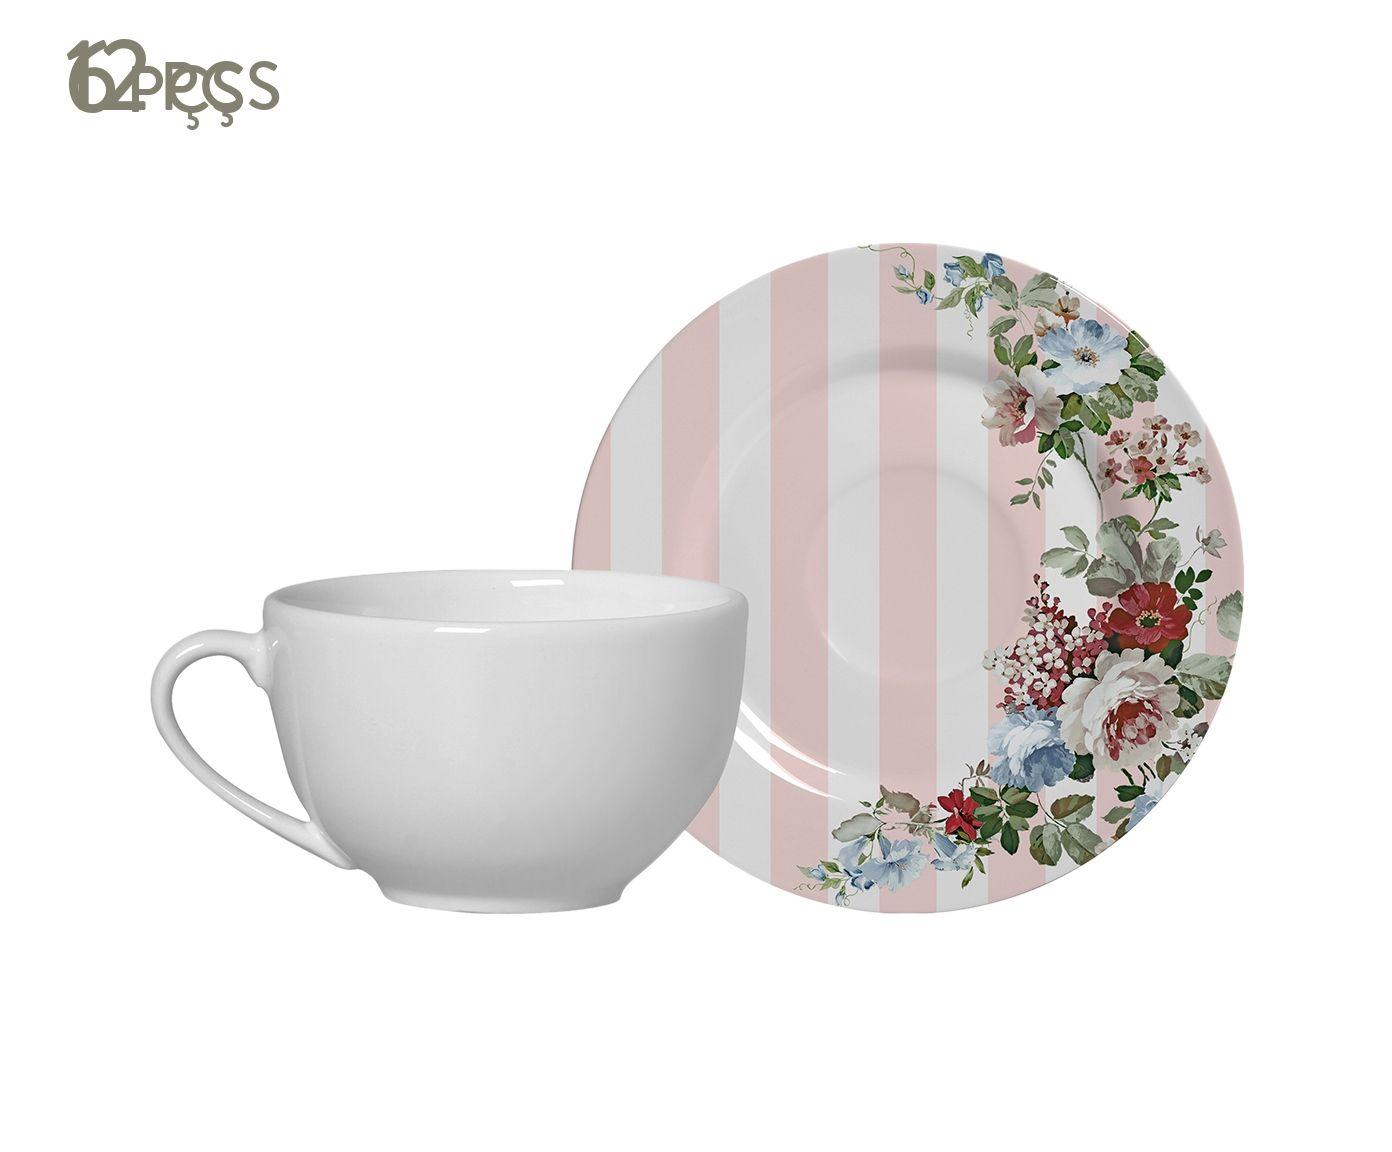 Jogo de Xícaras para Chá com Pires Paris - 300ml   Westwing.com.br